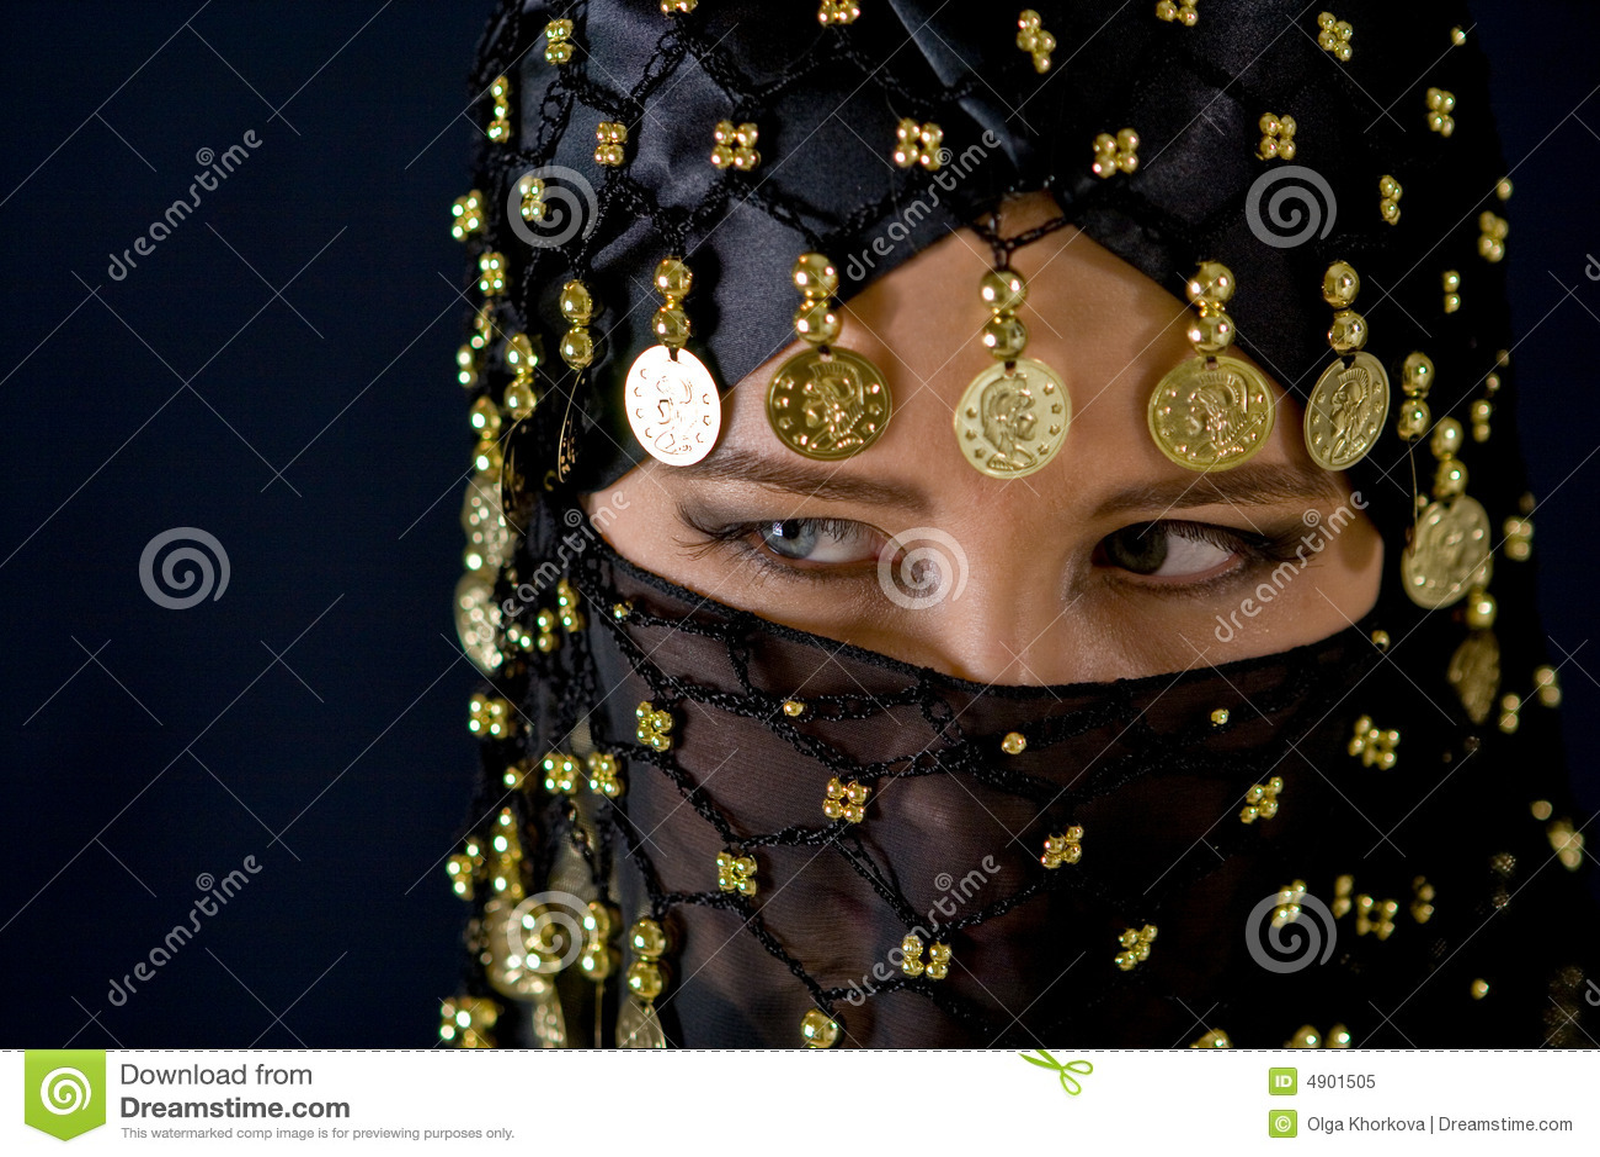 Прозрачная одежда на лицах 20 фотография